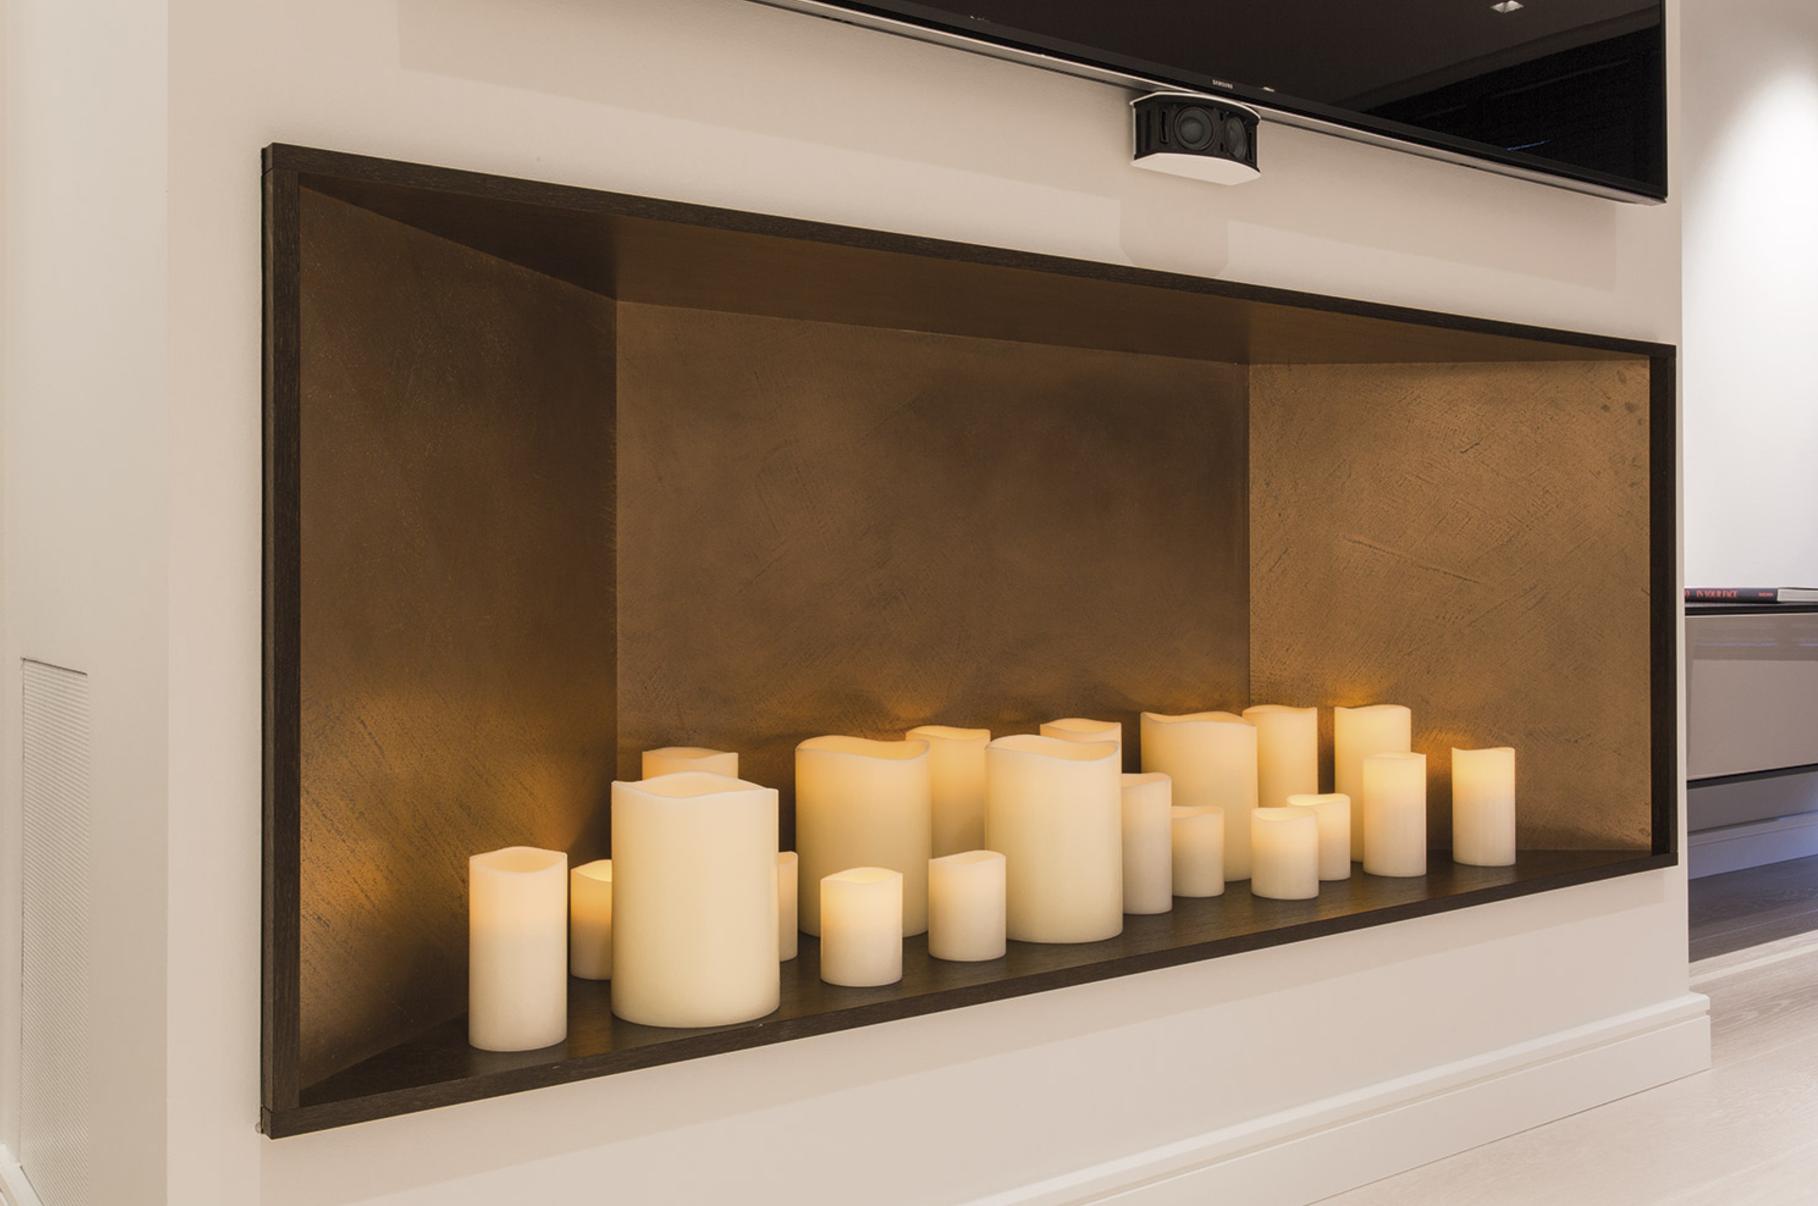 Kerzen In Wand Eingelassen Unter Tv Regal Wand Kerzen